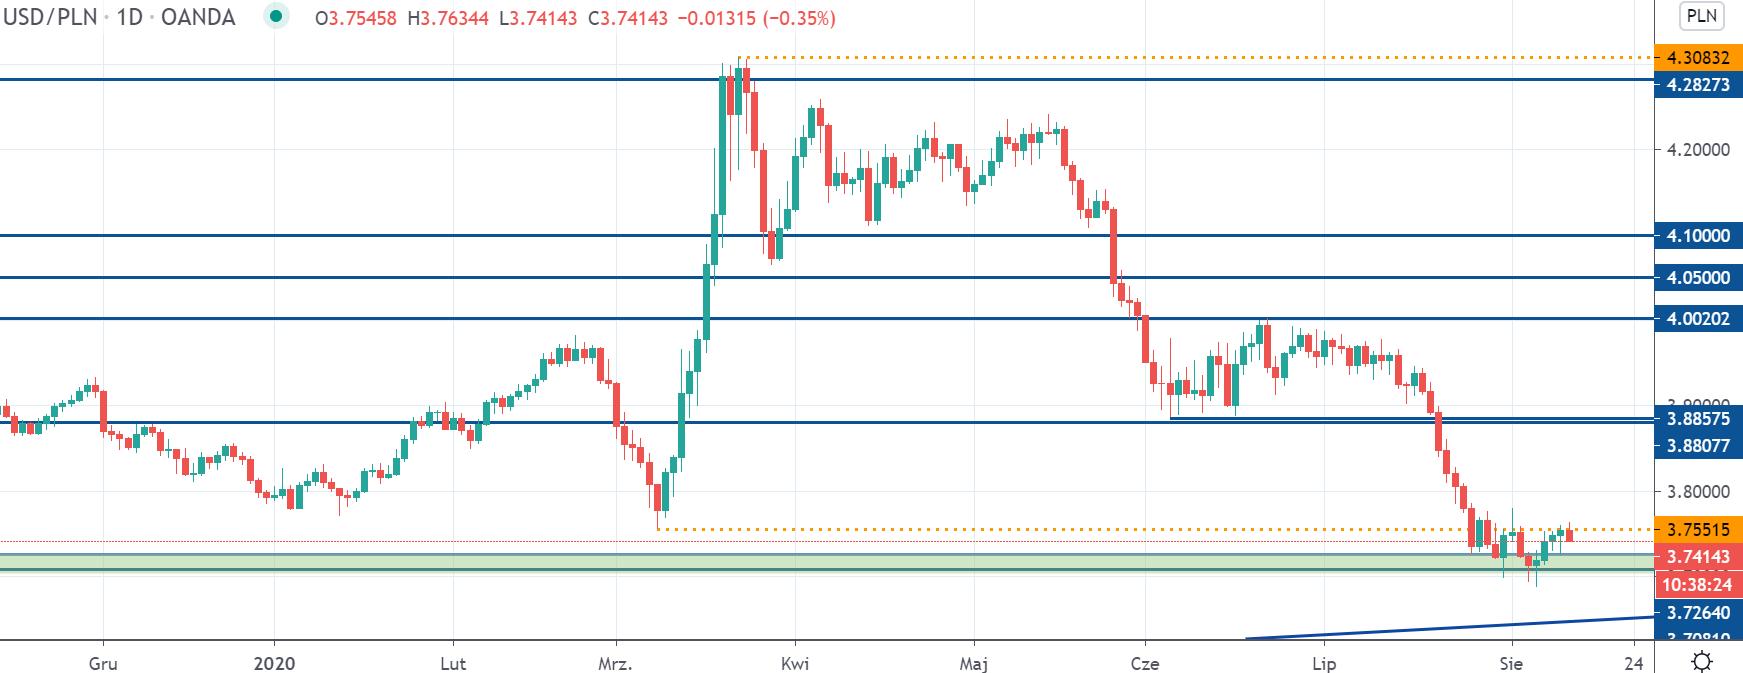 Kurs dolara spada poniżej 3,75 zł. USDPLN zakończył korektę wzrostową